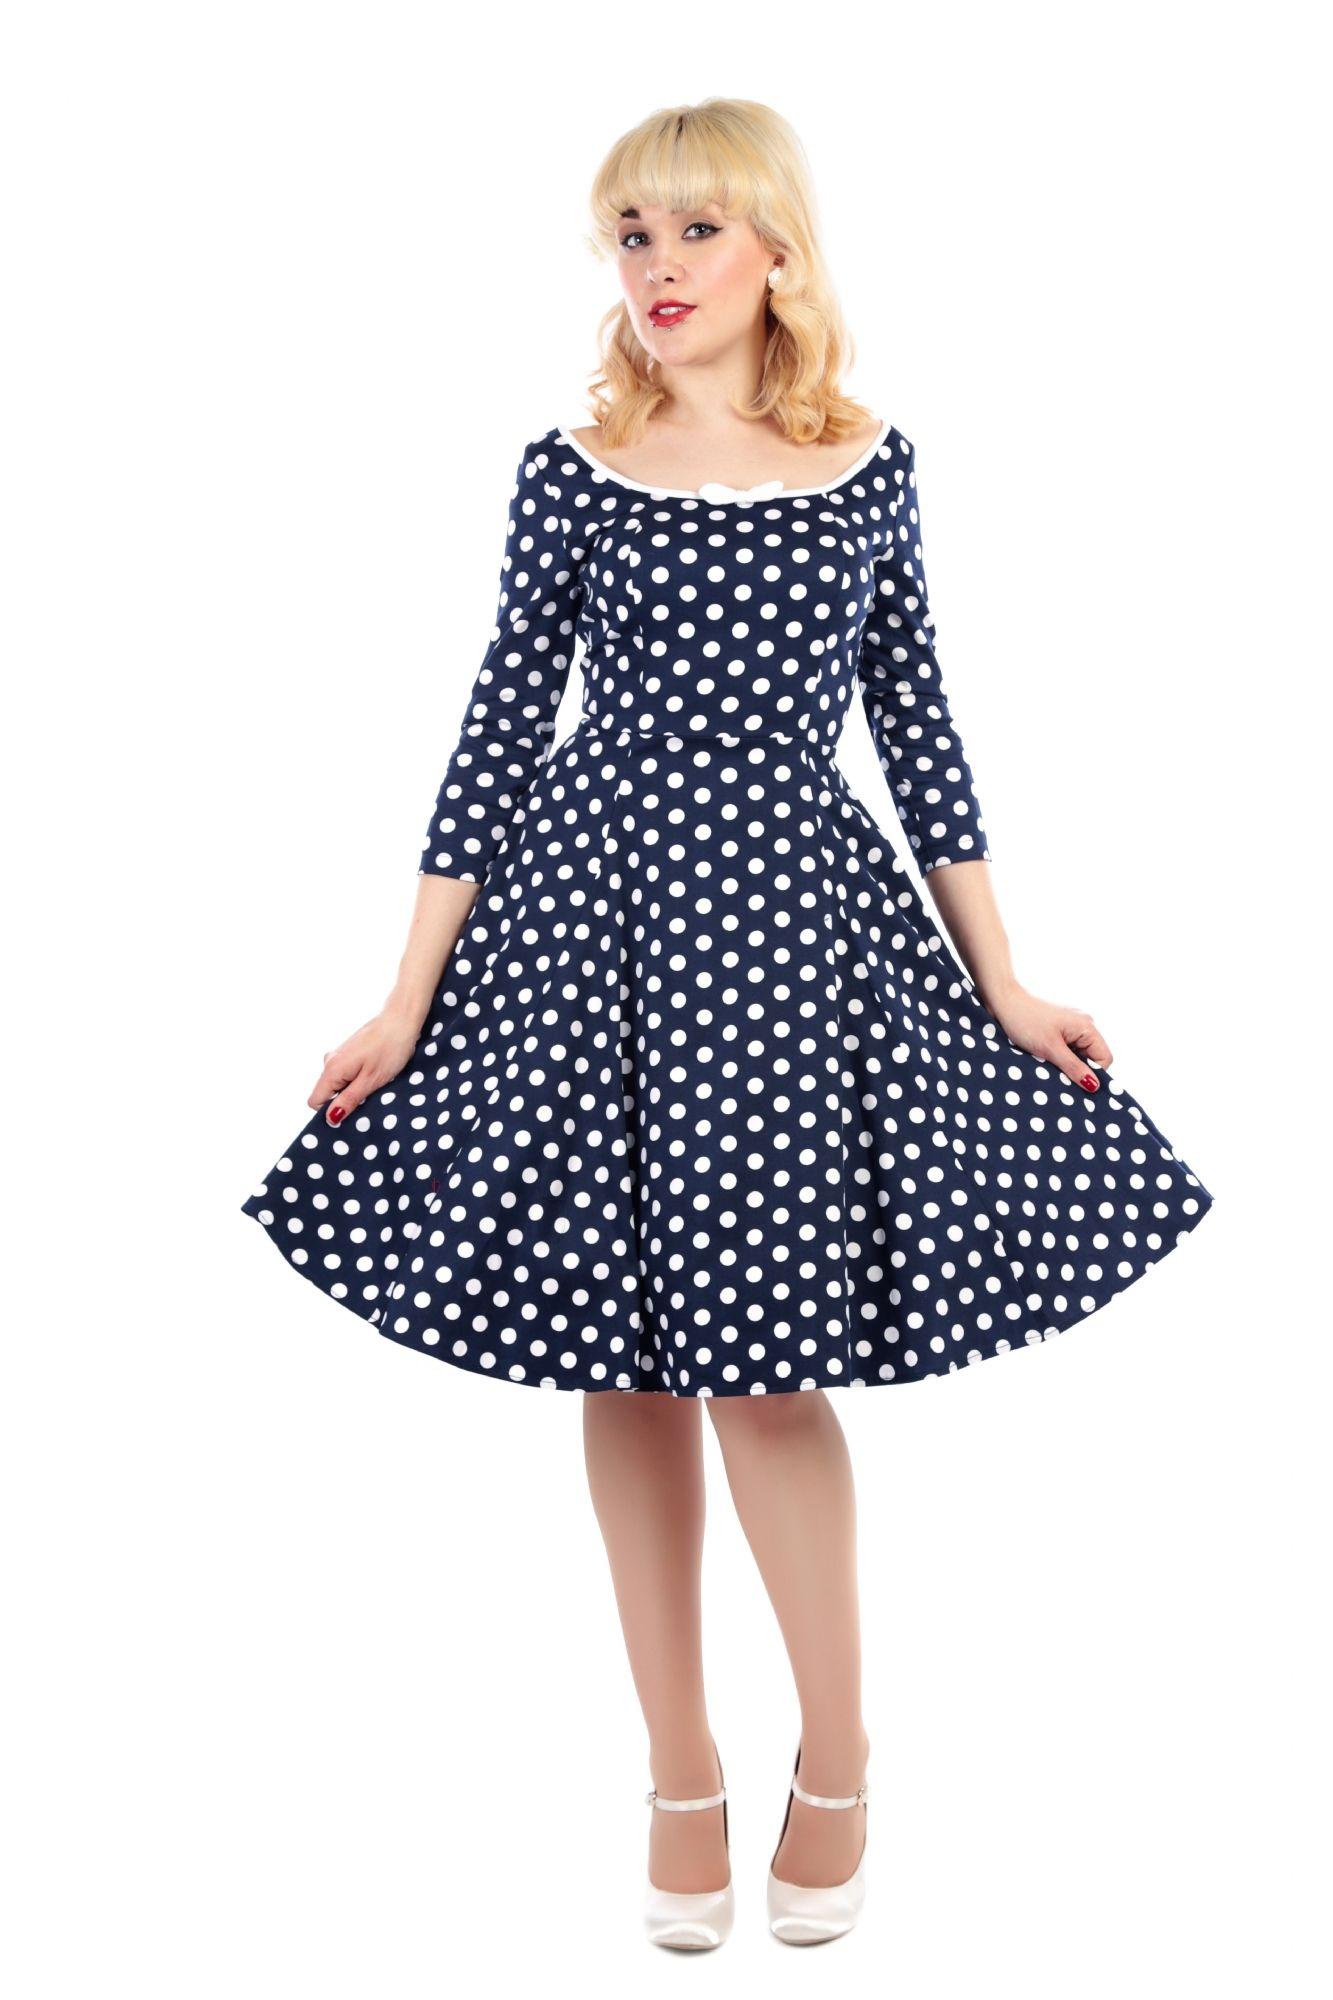 9ff4a8044e37 Šaty Collectif Willow Navy White Polka Šaty ve stylu 50. let. Úžasné šaty v  dokonale padnoucím střihu